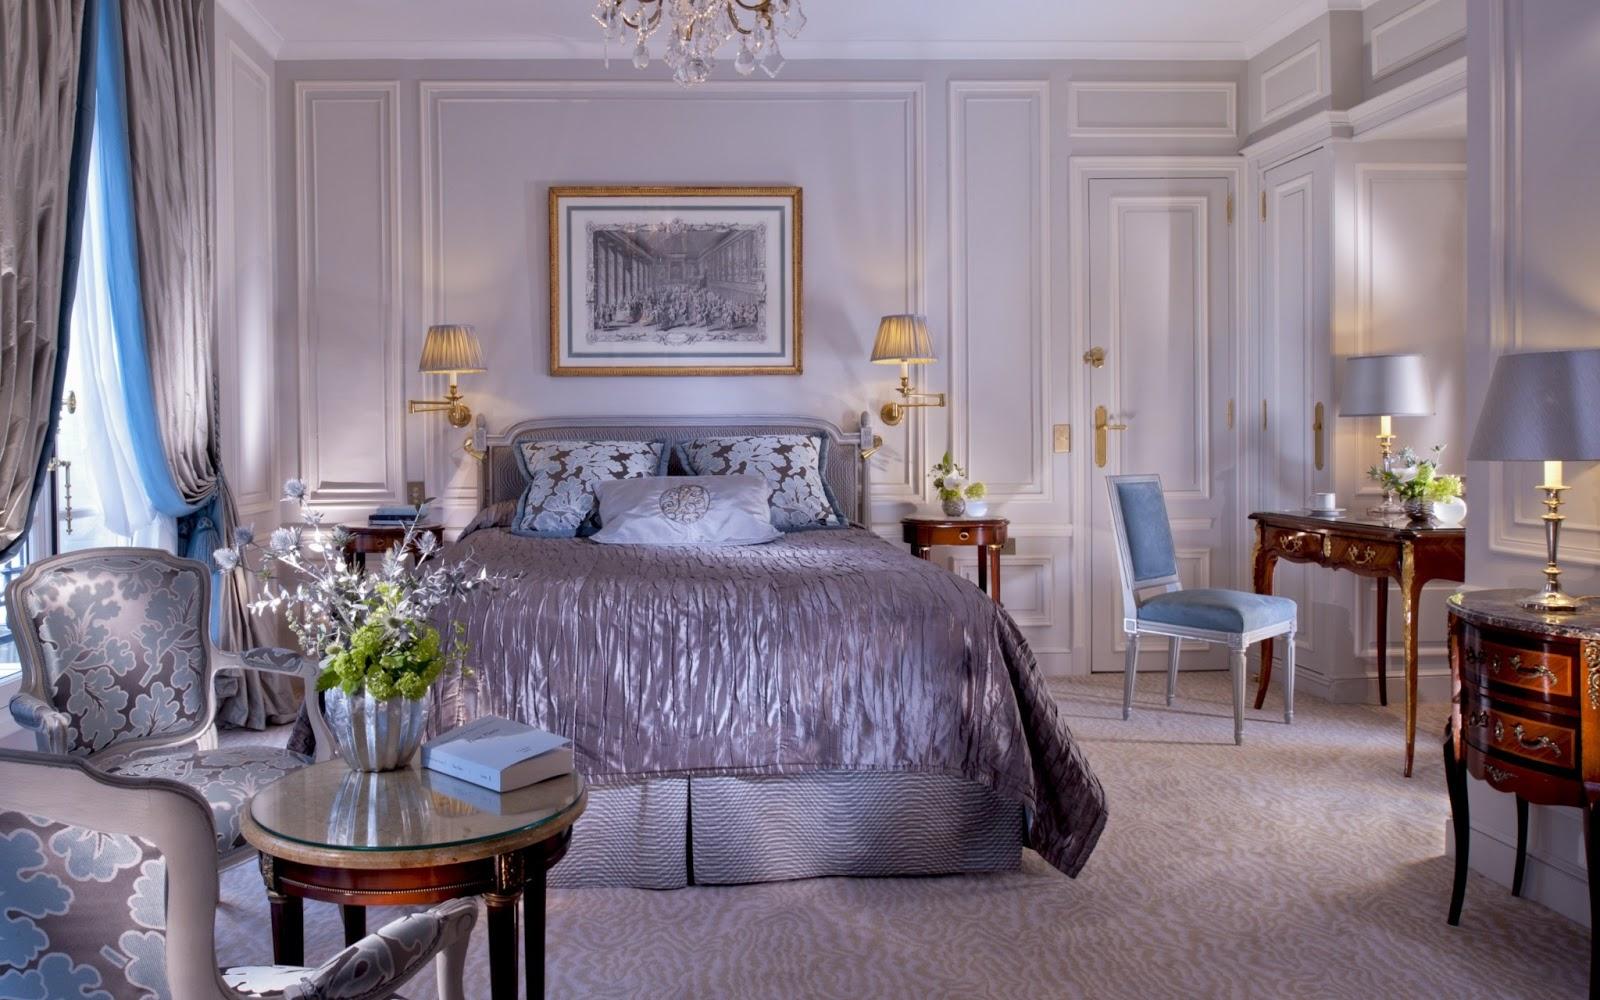 Salas y dormitorios dise o y decoraci n de interiores - Decoracion interiores dormitorios ...